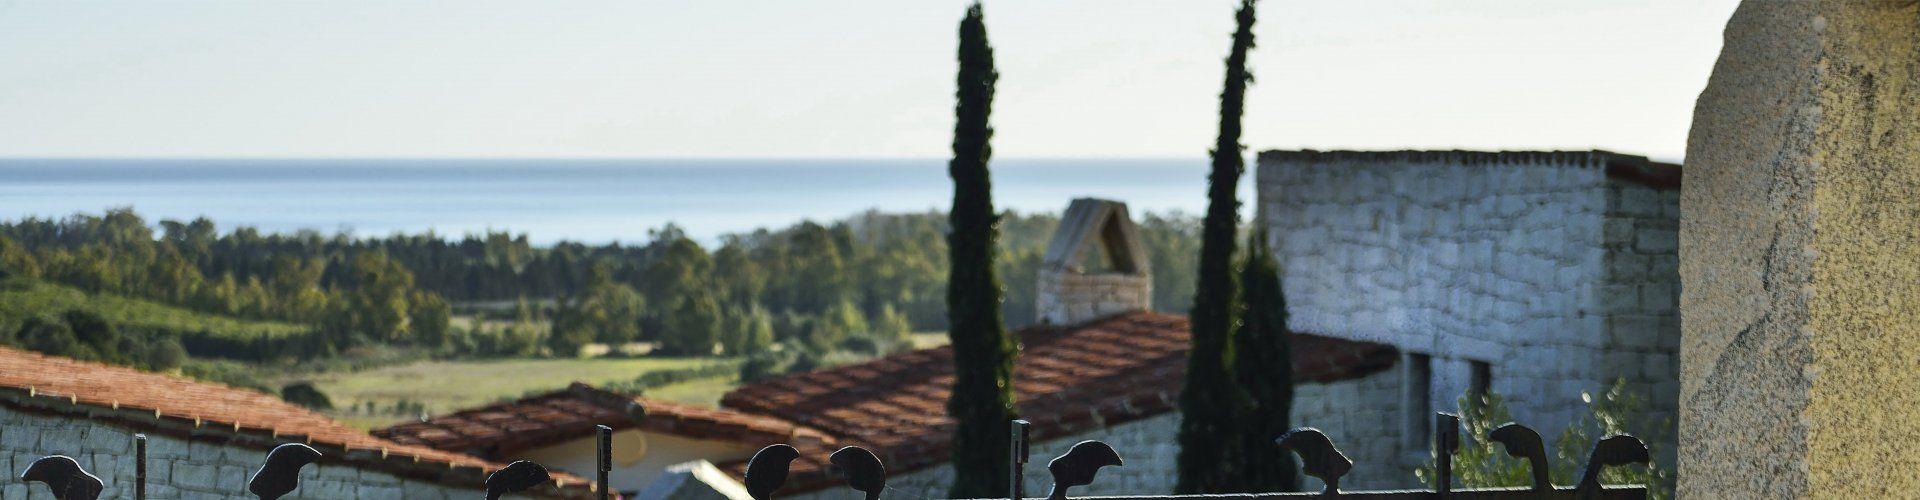 Ferienvilla mit Meerblick in Südost Sardinien